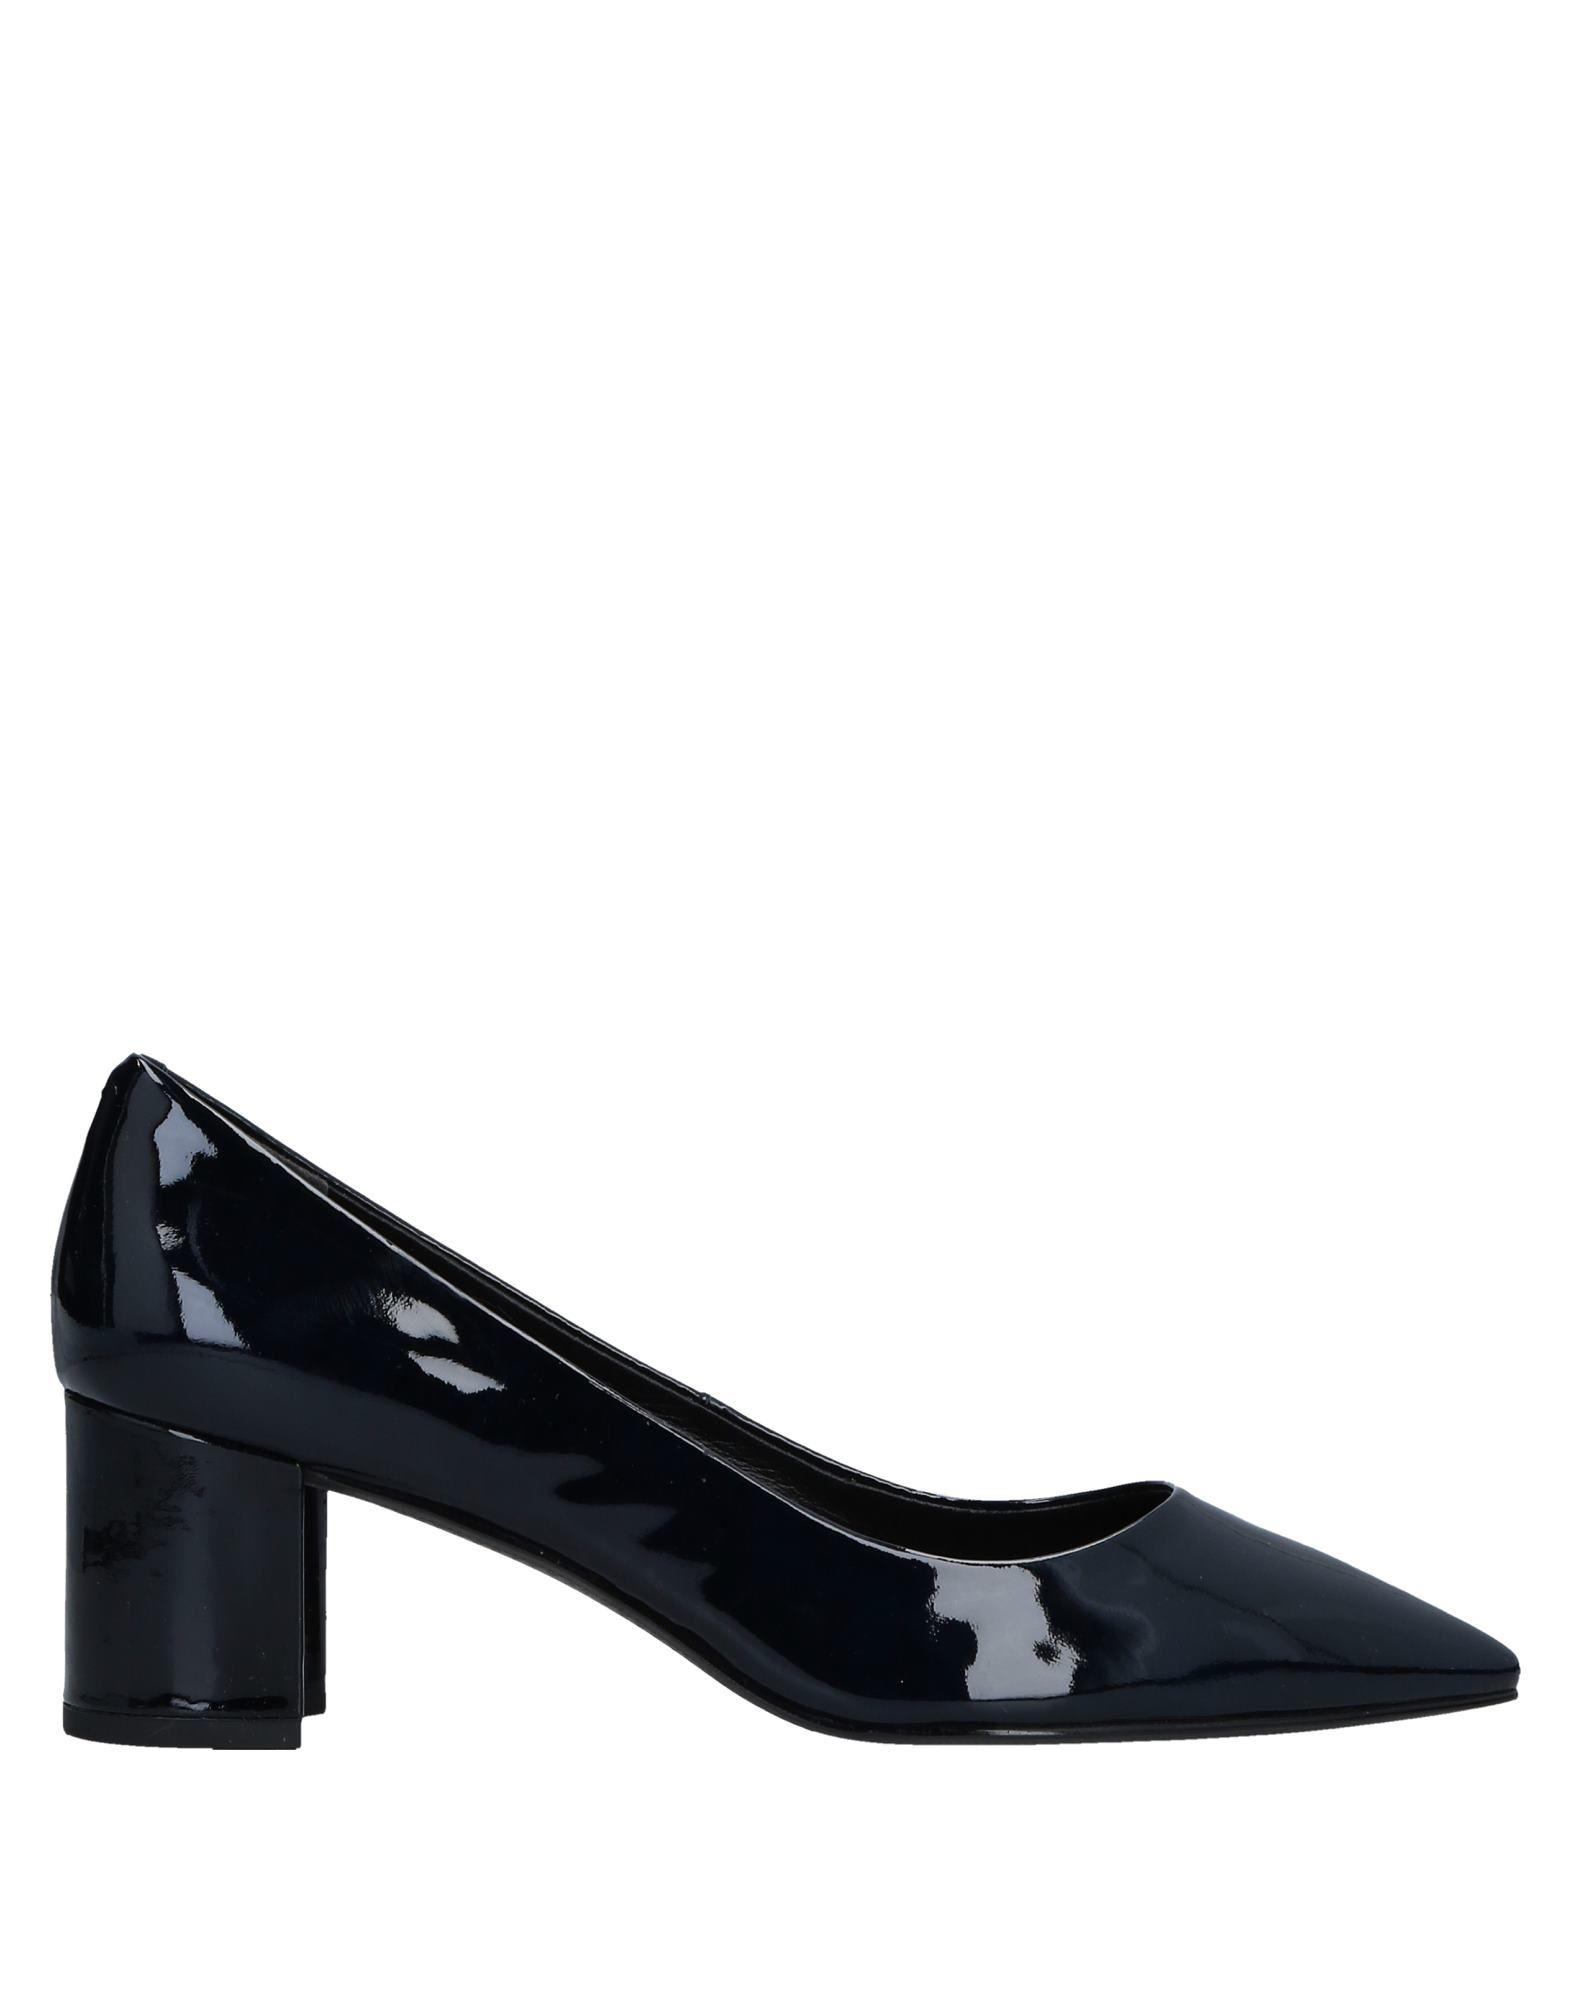 Sneakers Asfvlt offerte Donna - 11134618AQ Nuove offerte Asfvlt e scarpe comode e8a309